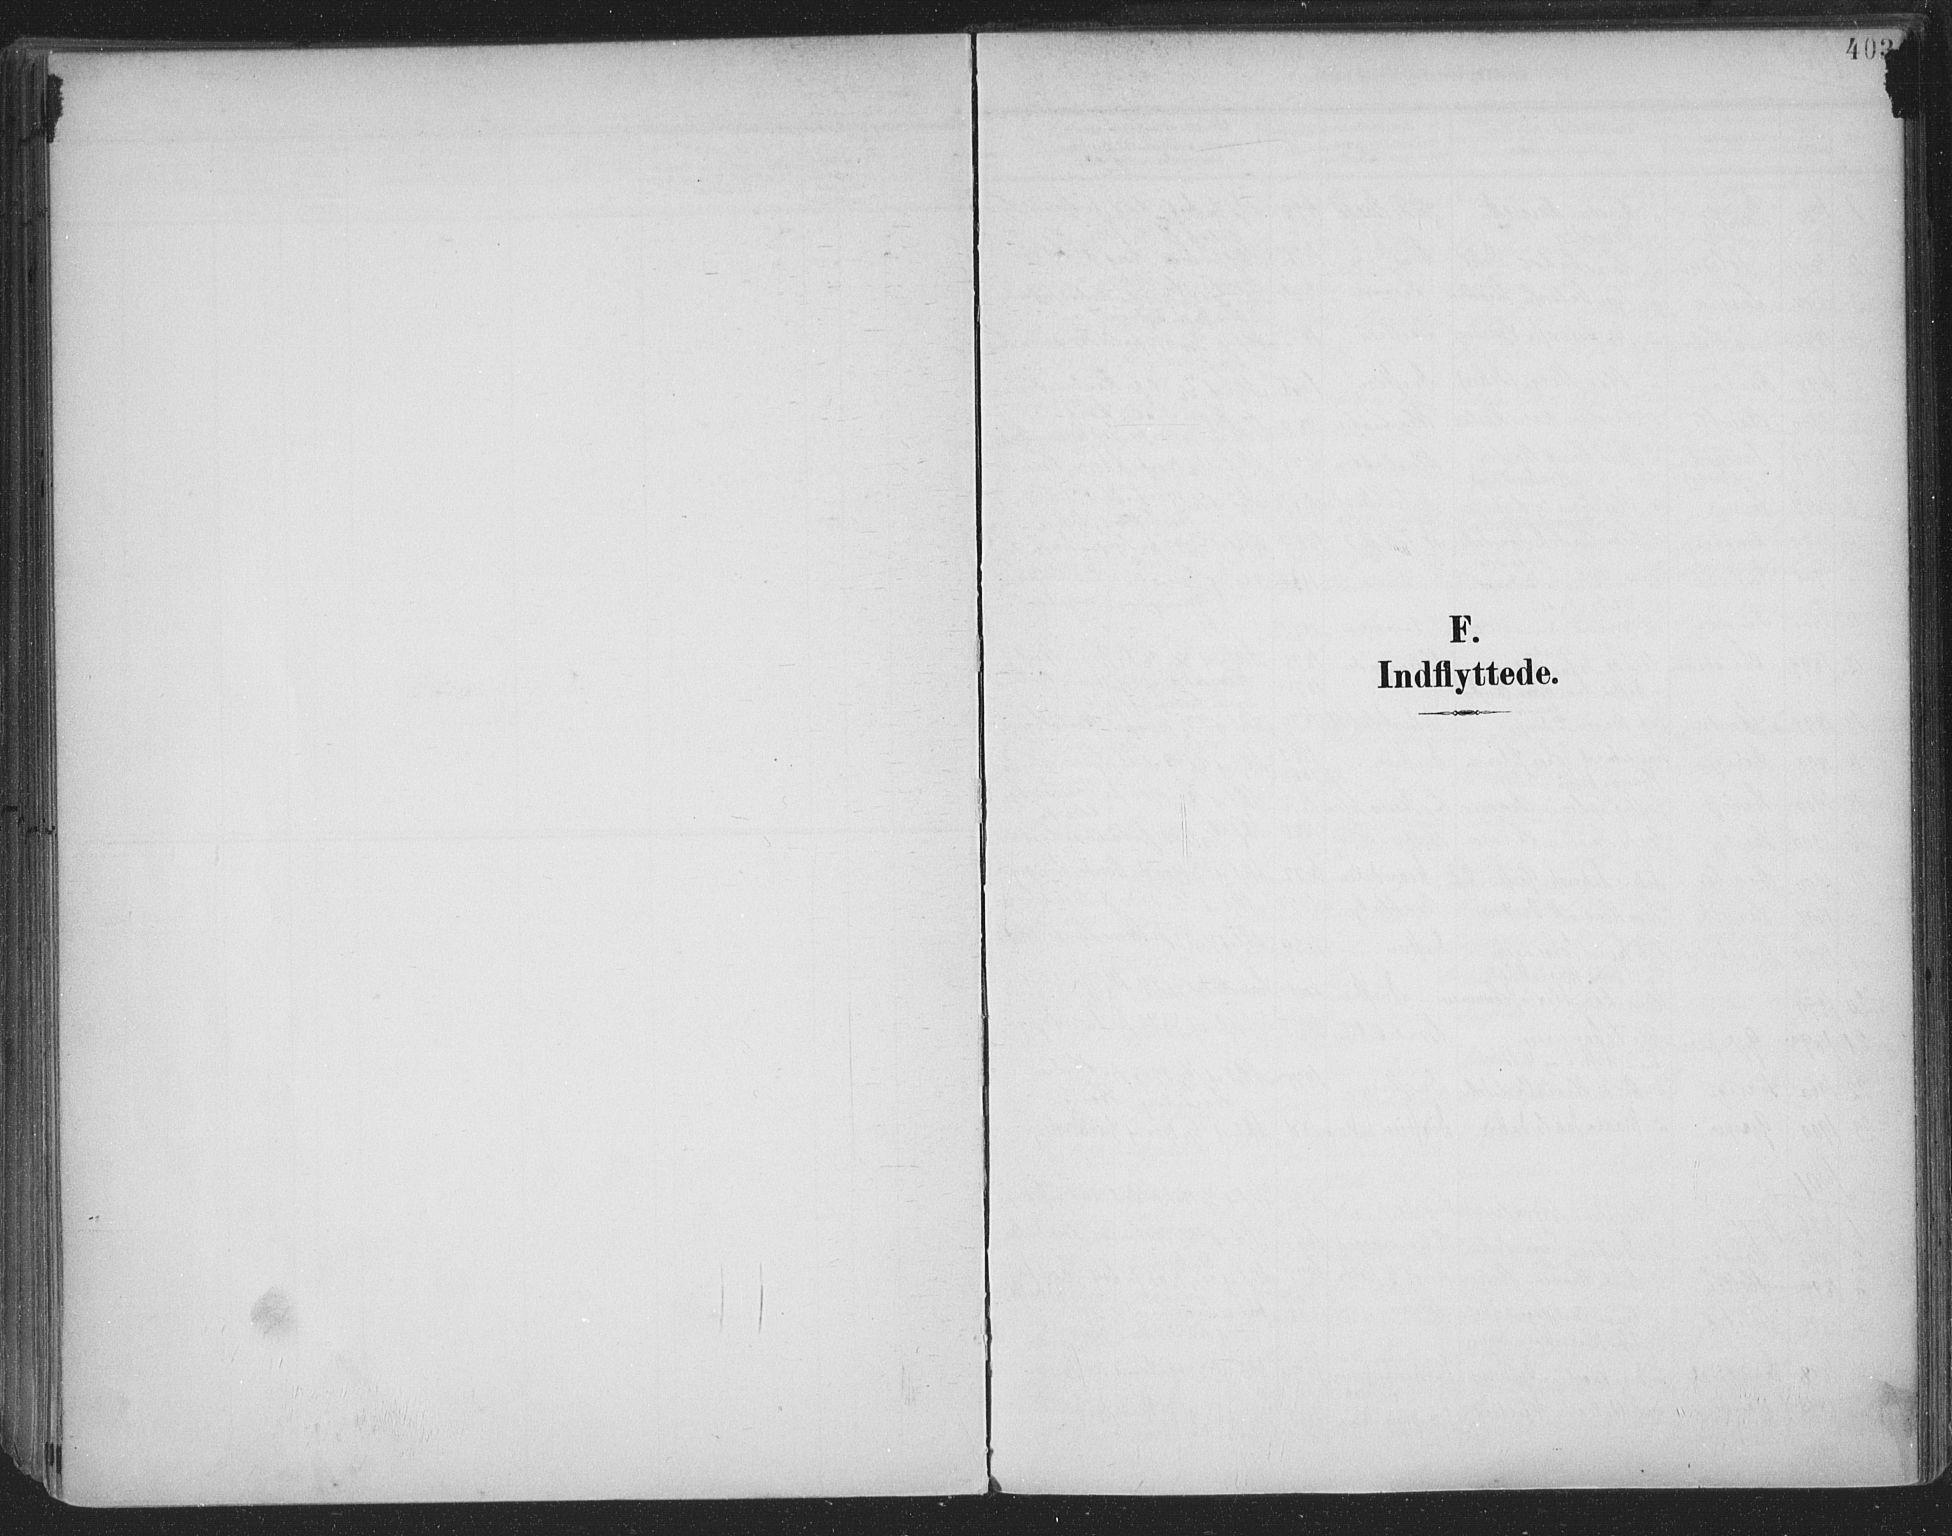 SAKO, Skien kirkebøker, F/Fa/L0011: Ministerialbok nr. 11, 1900-1907, s. 403